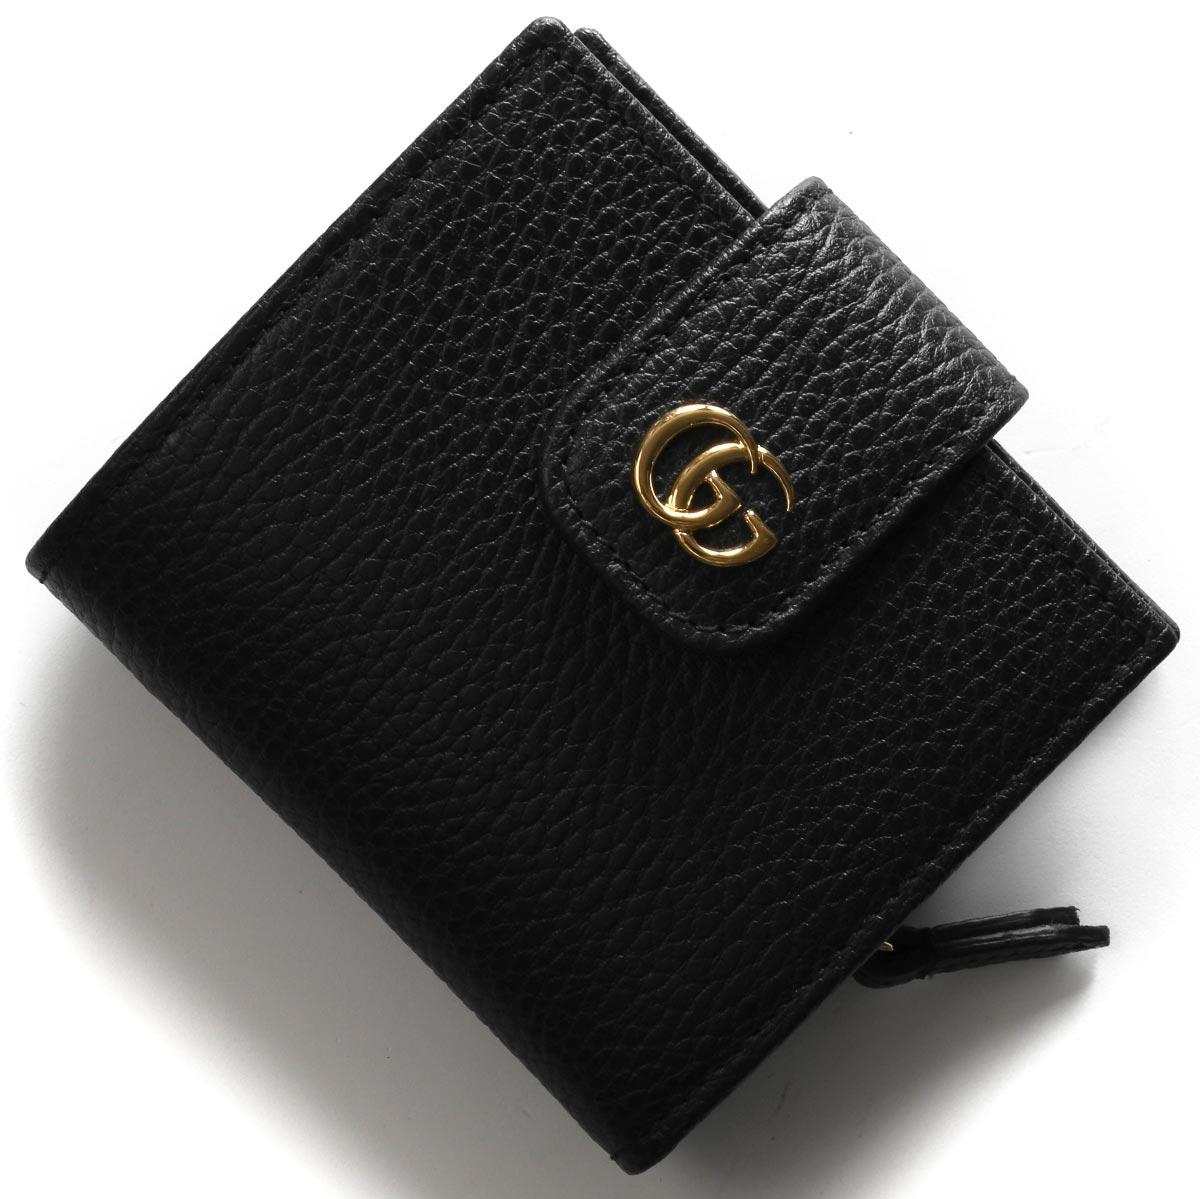 グッチ 二つ折り財布 財布 レディース プチGGマーモント ブラック 523193 CAO0G 1000 GUCCI